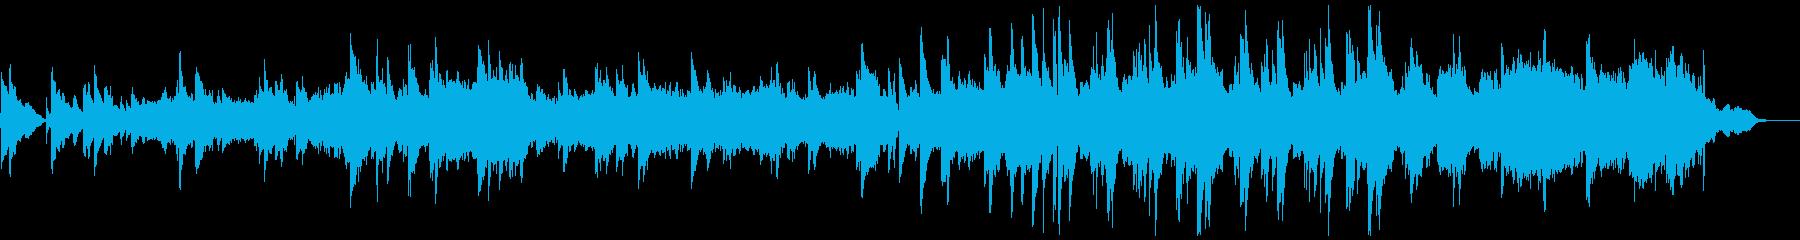 優しく情緒的なピアノストリングスの再生済みの波形